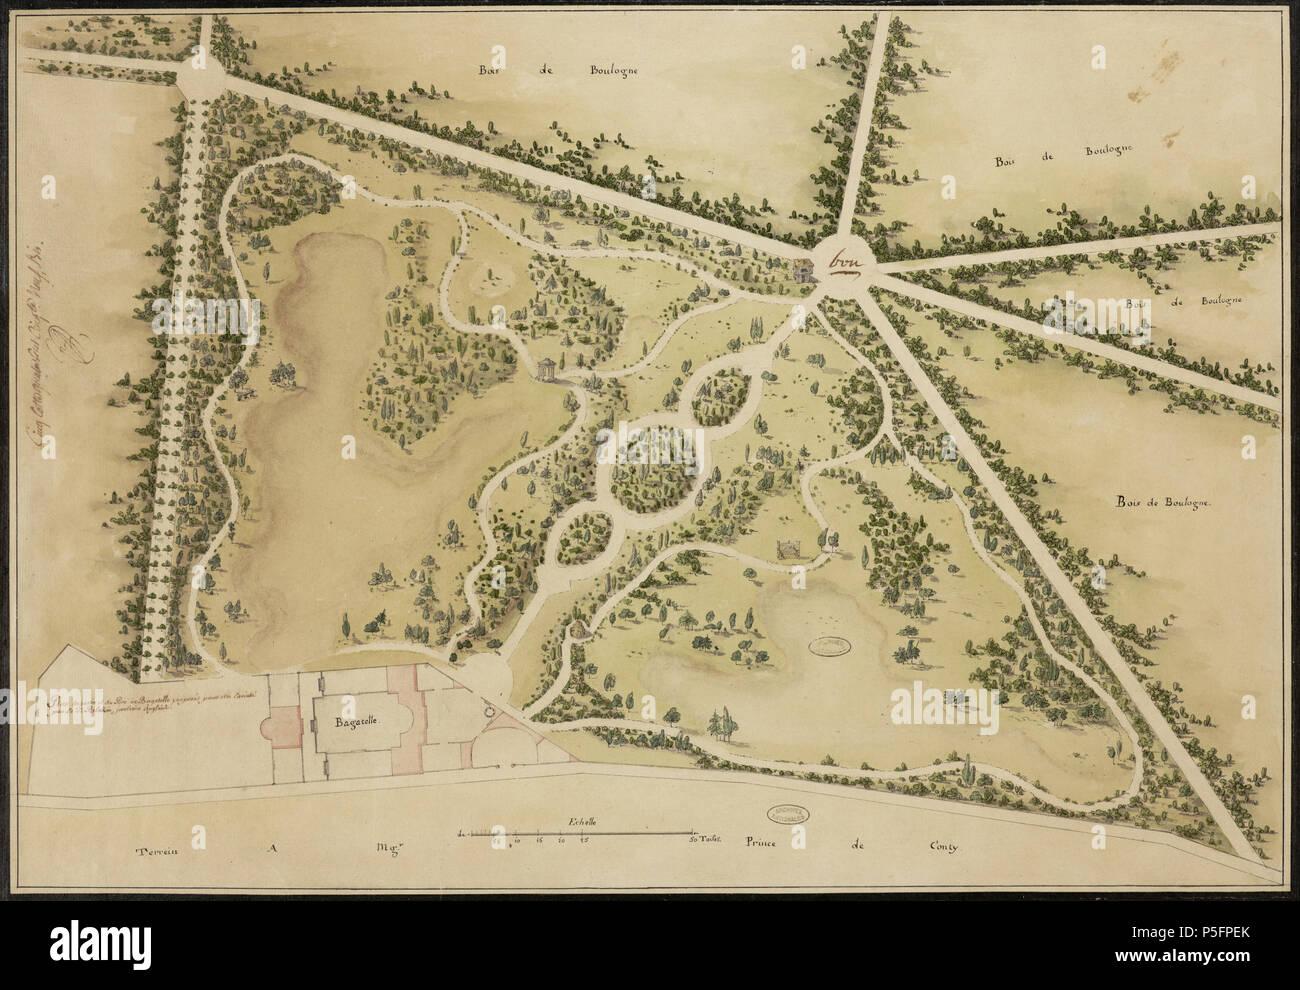 map of Bagatelle by Blaikie 161 Bagatelle Blaikie Stock Photo